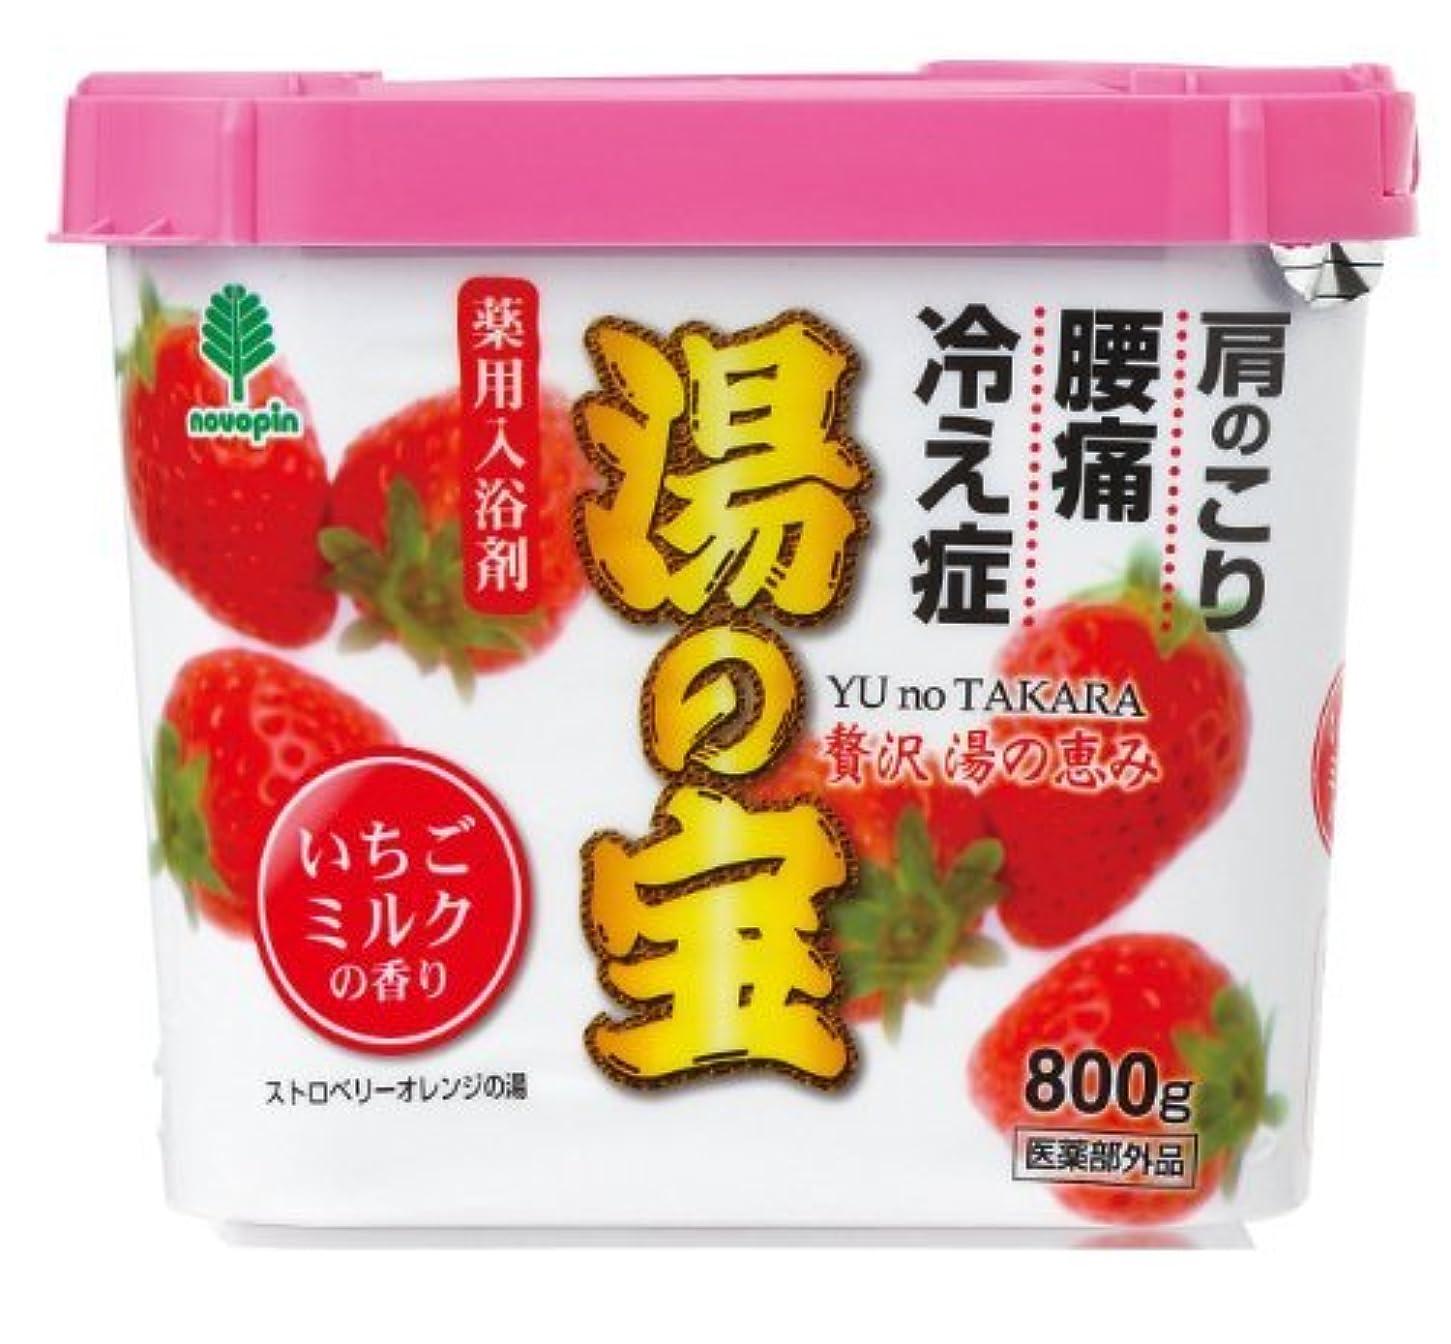 影のあるスペル会う紀陽除虫菊 湯の宝 いちごミルクの香り 800g【まとめ買い16個セット】 N-0053